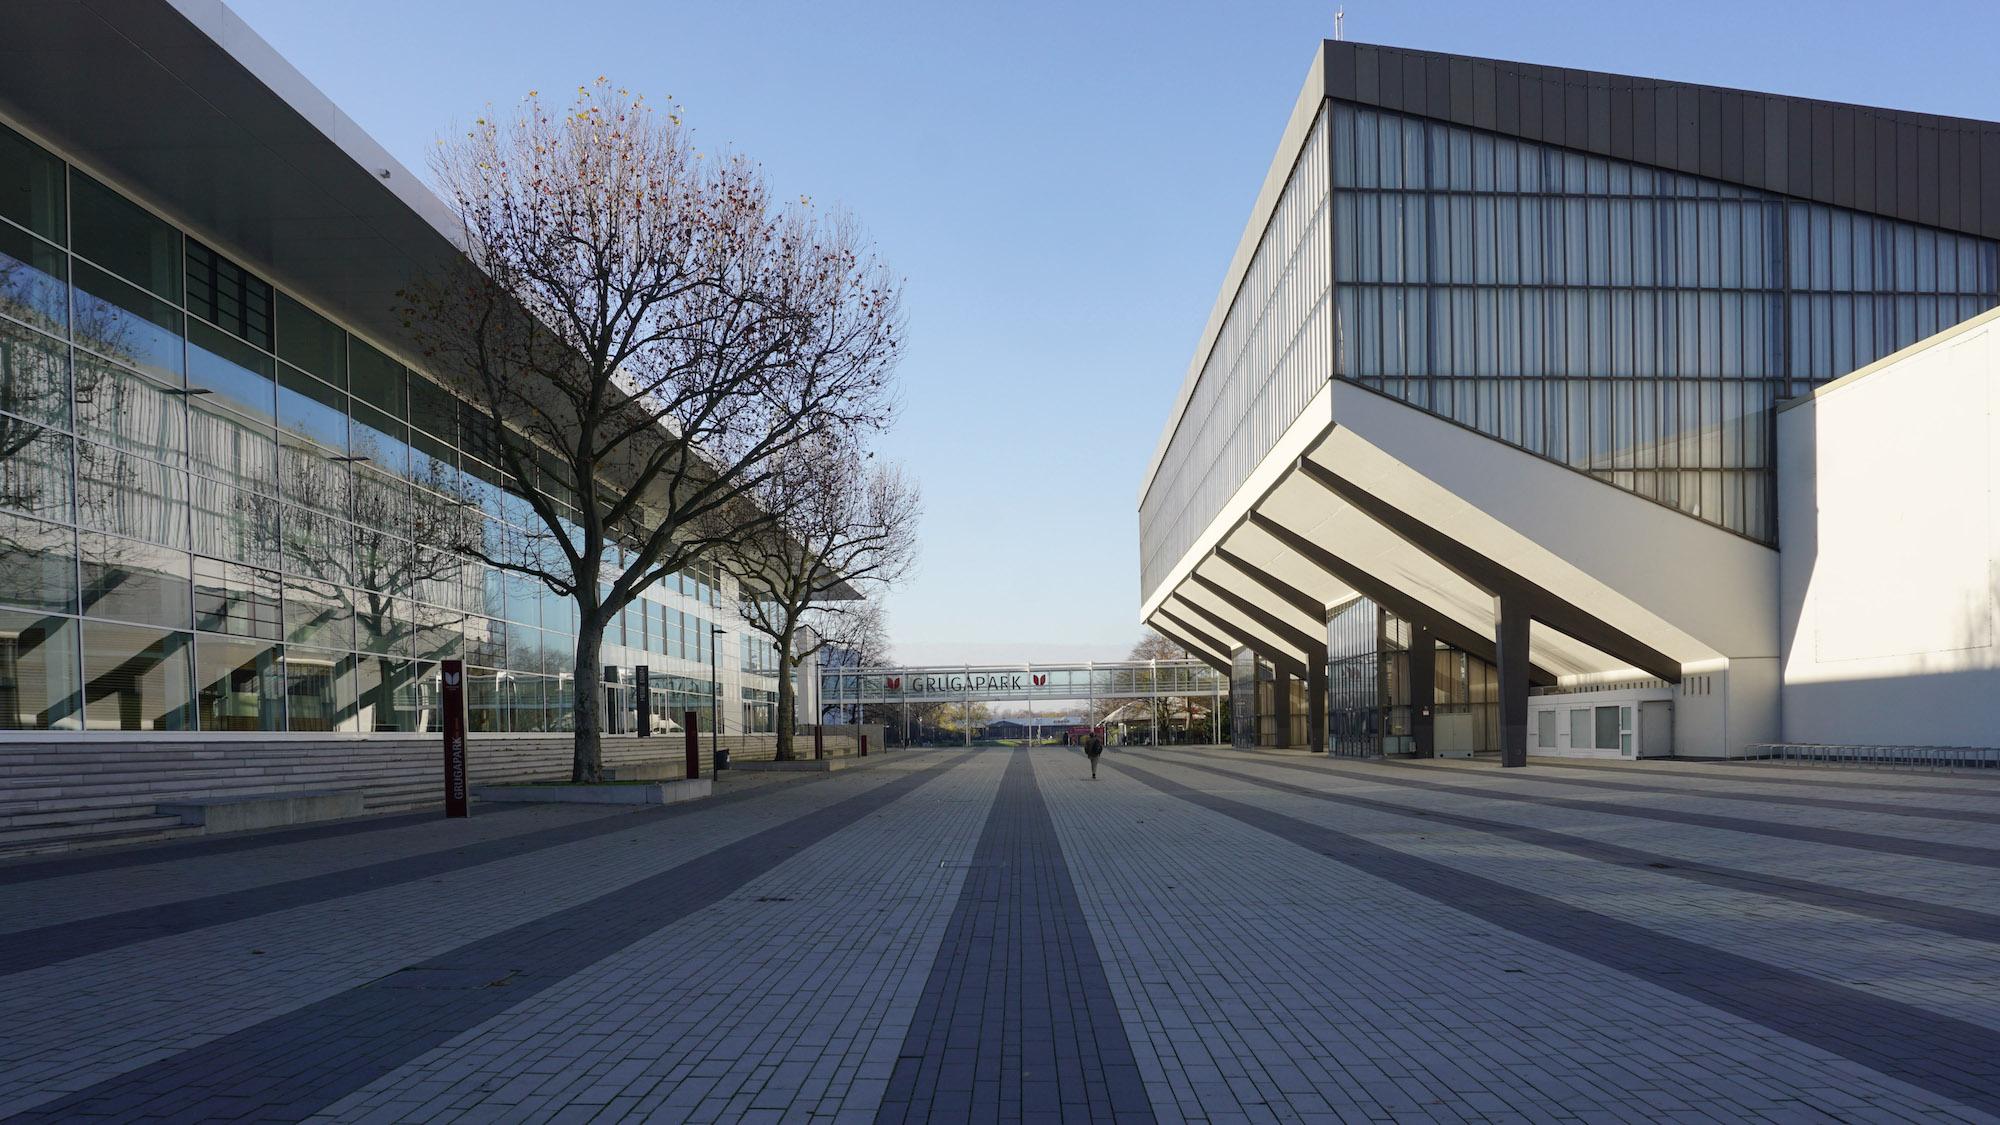 Ein Weg führt zwischen Messehalle und Grugahalle auf den Haupteingang des Grugaparks zu.